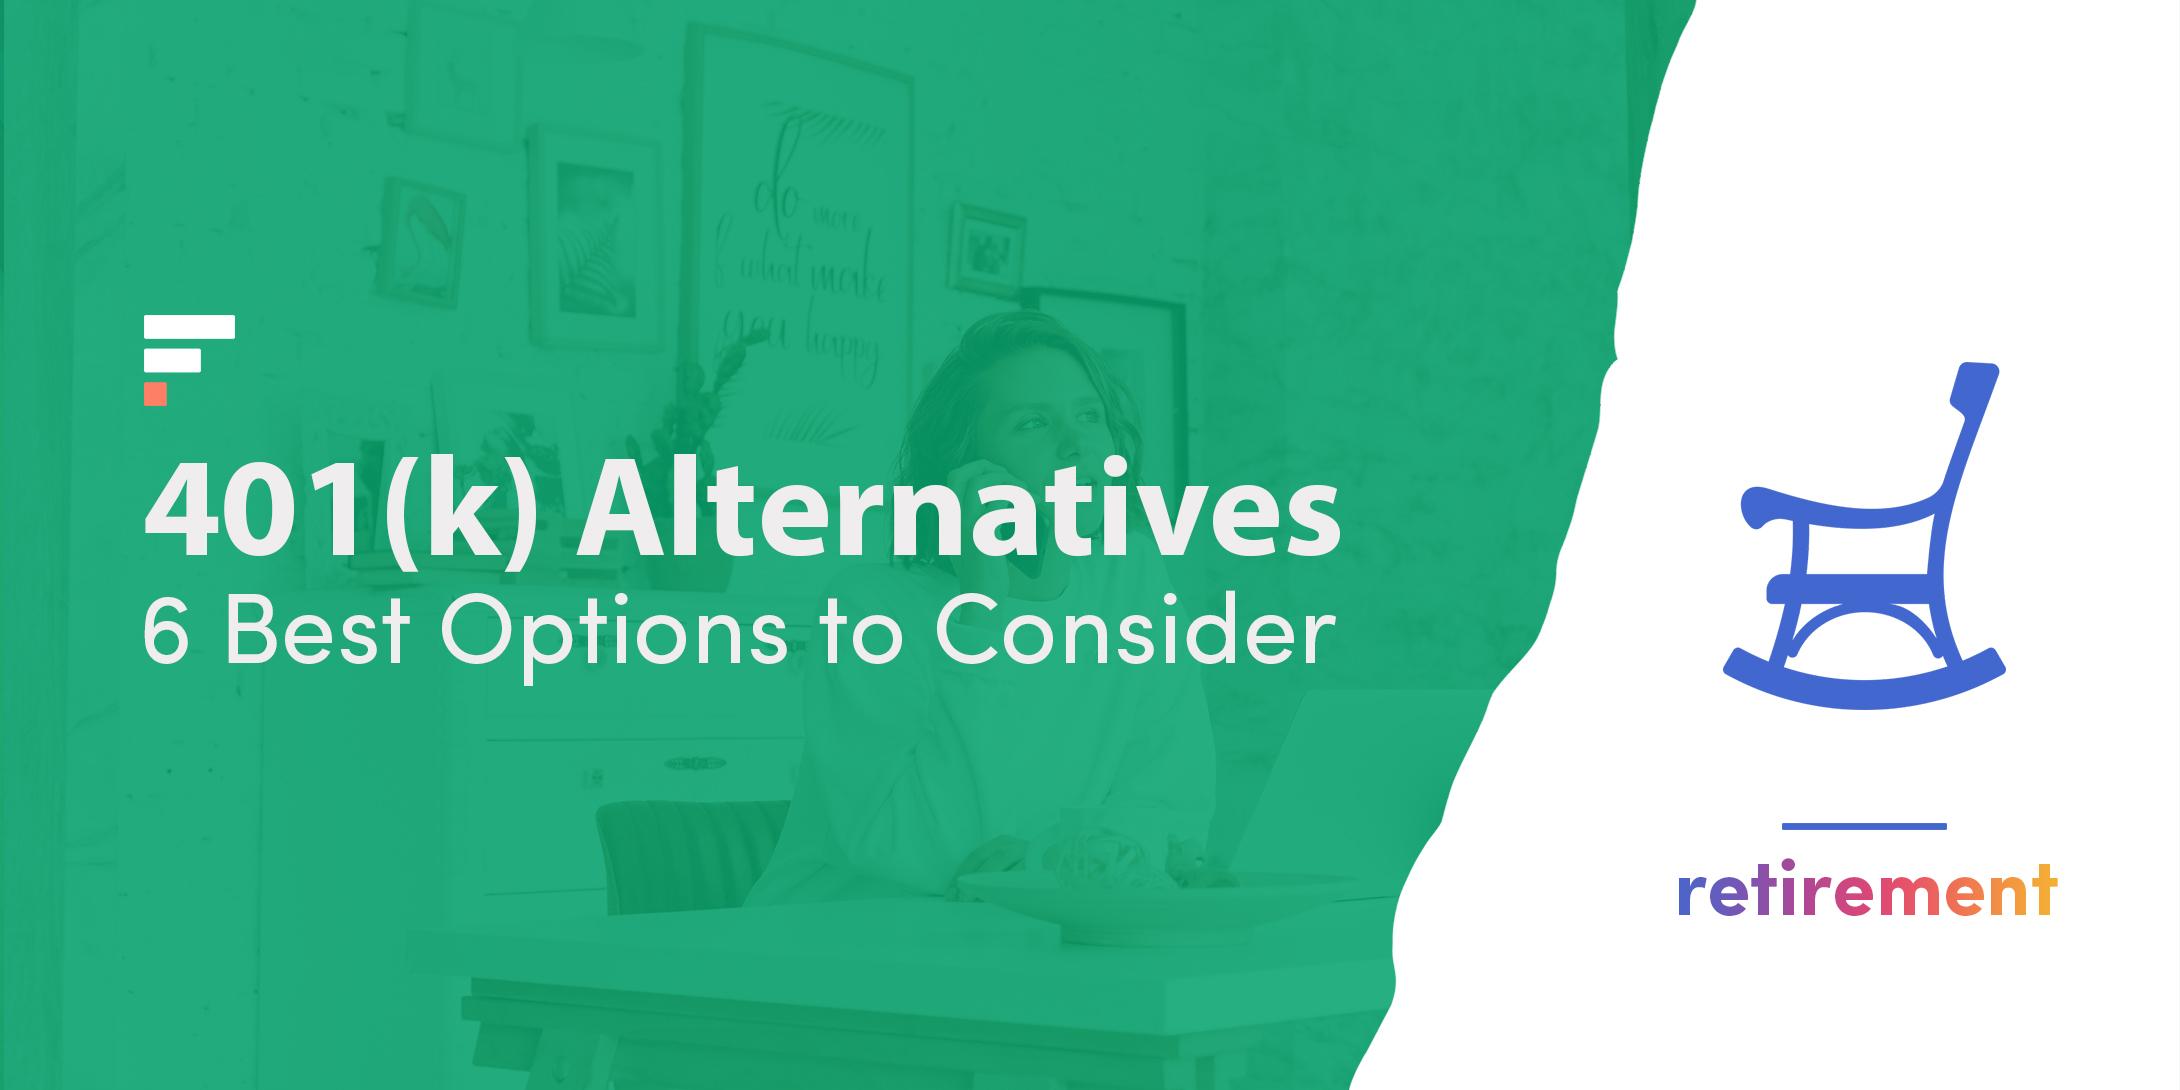 401(k) alternatives